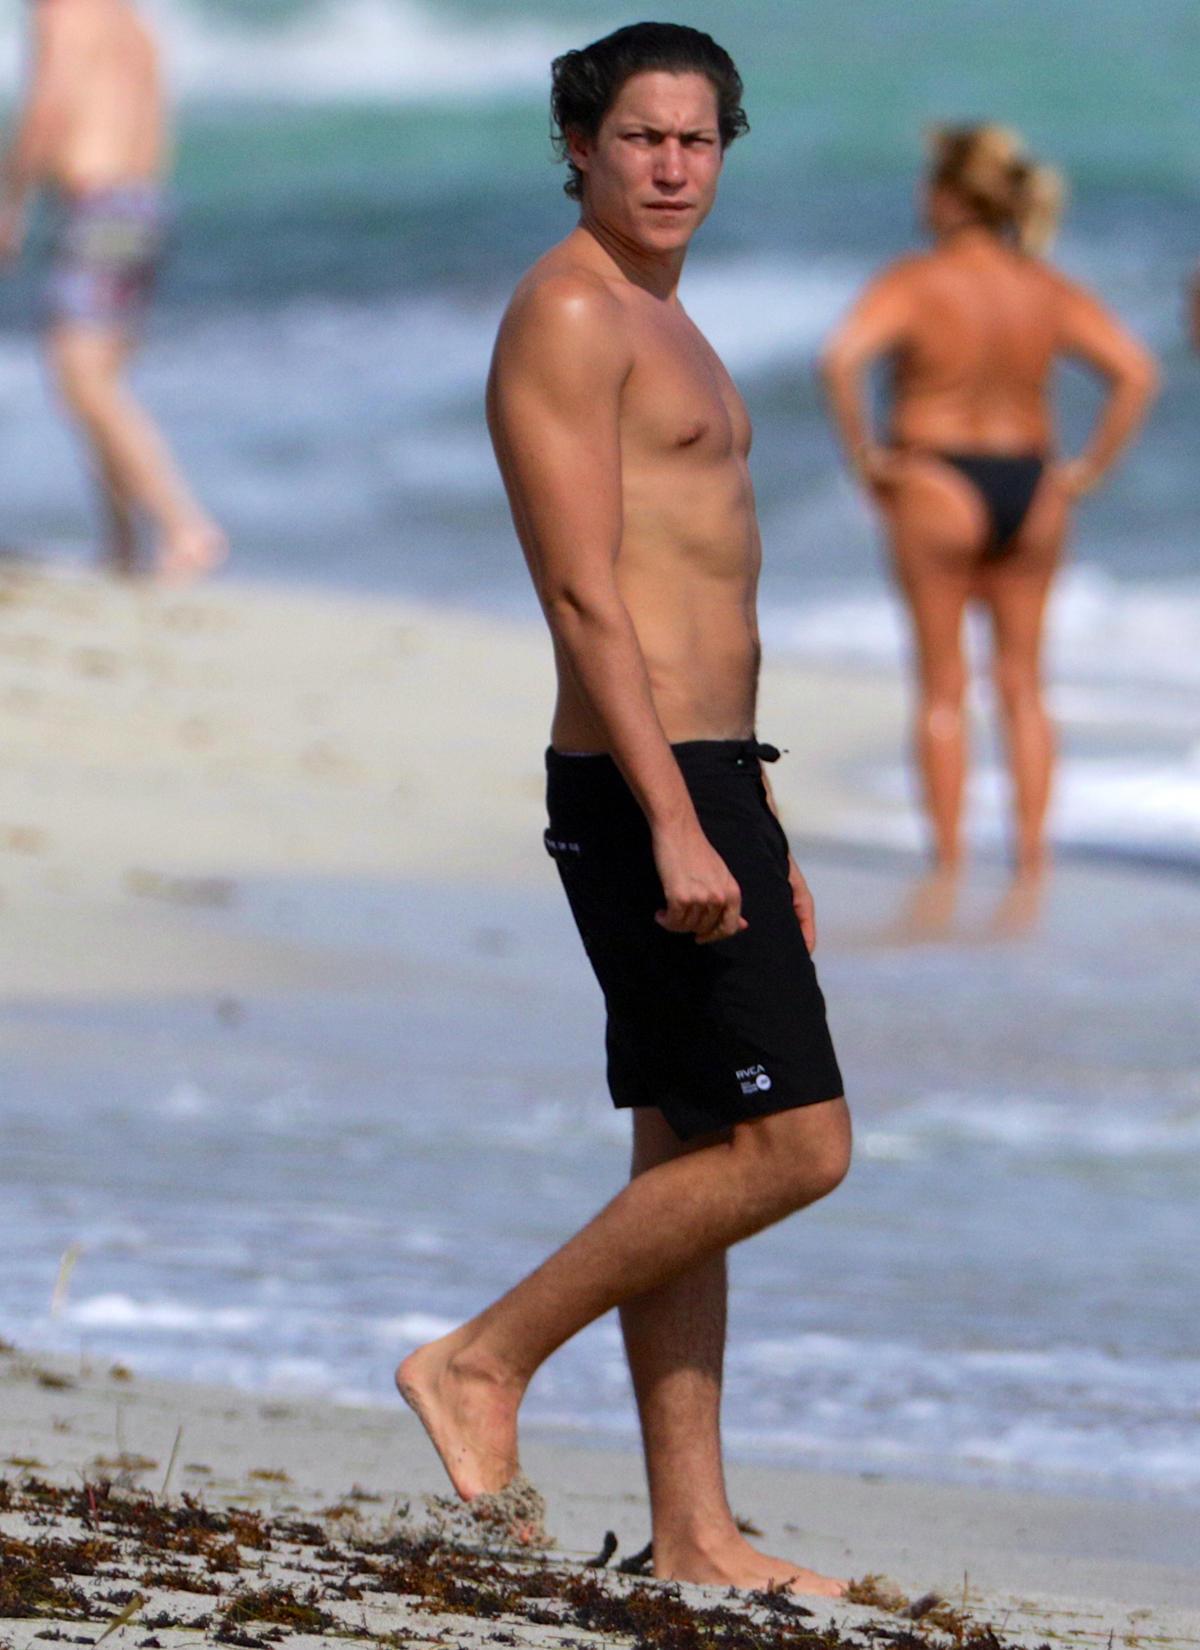 Der 29-jährige Kunsthändler Vito Schnabel präsentiert neuerdings gerne seinen gut durchtrainierten Oberkörper - hier beim Schwimmen in Miami.